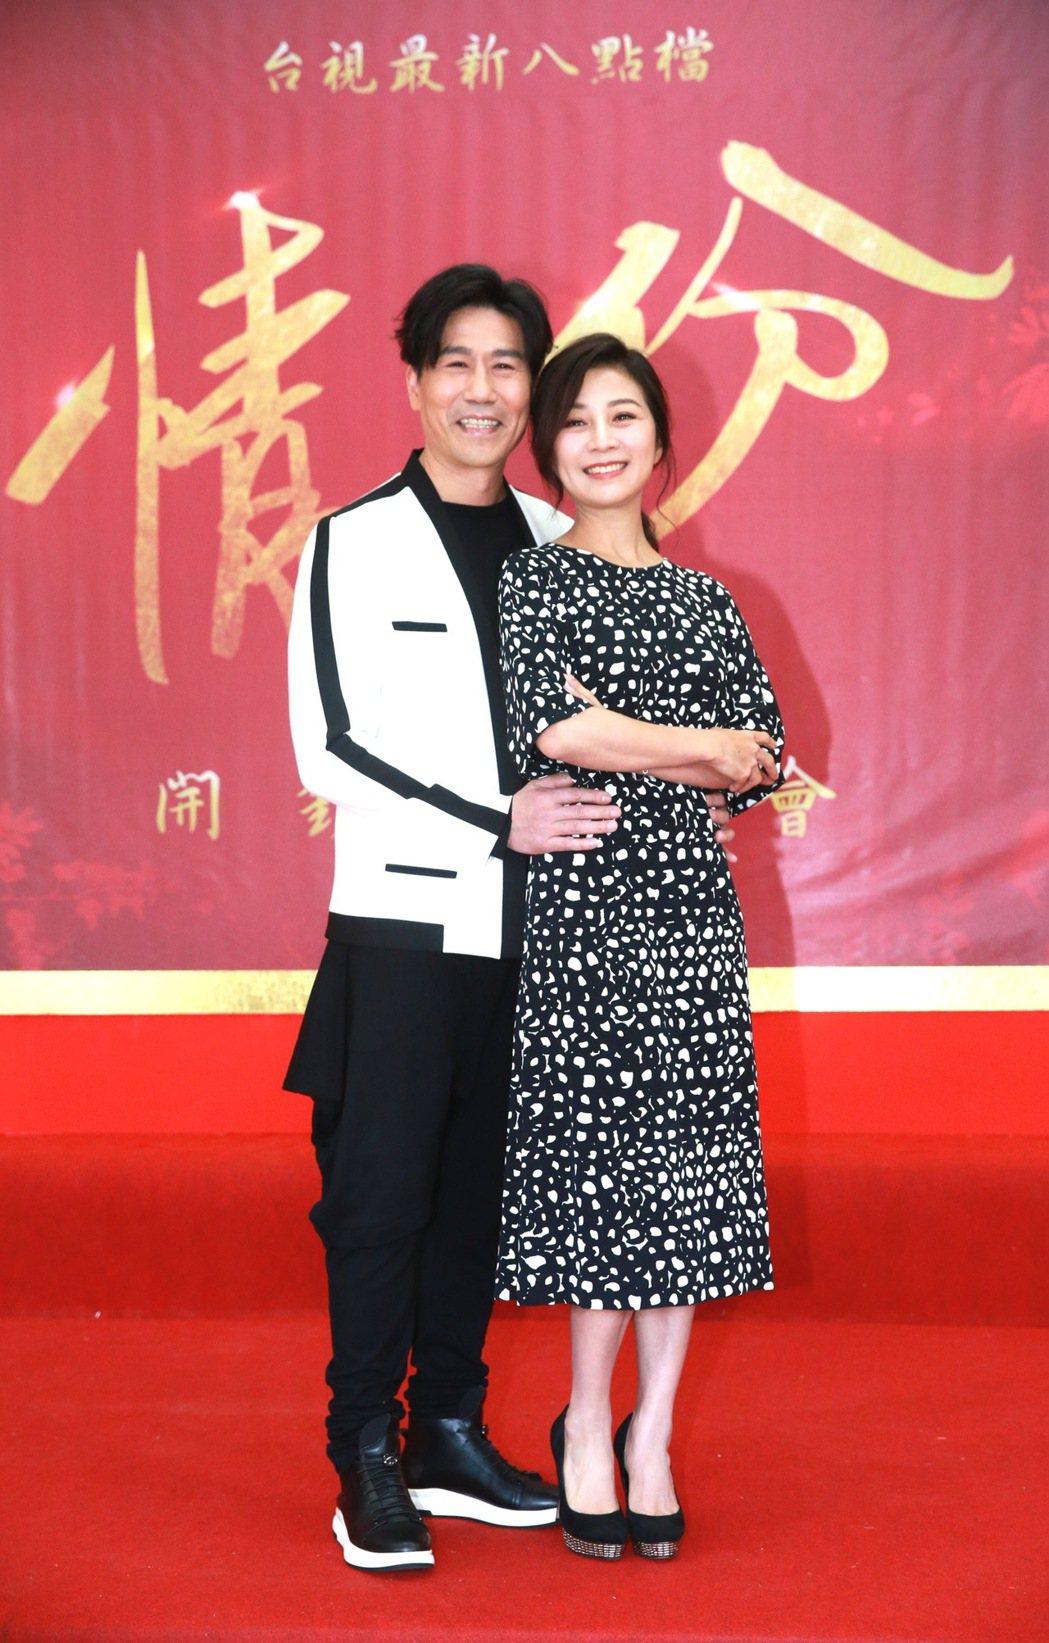 台視新八點檔「情‧份」,主要演員方文琳(右)、羅時豐(左)。記者黃義書/攝影